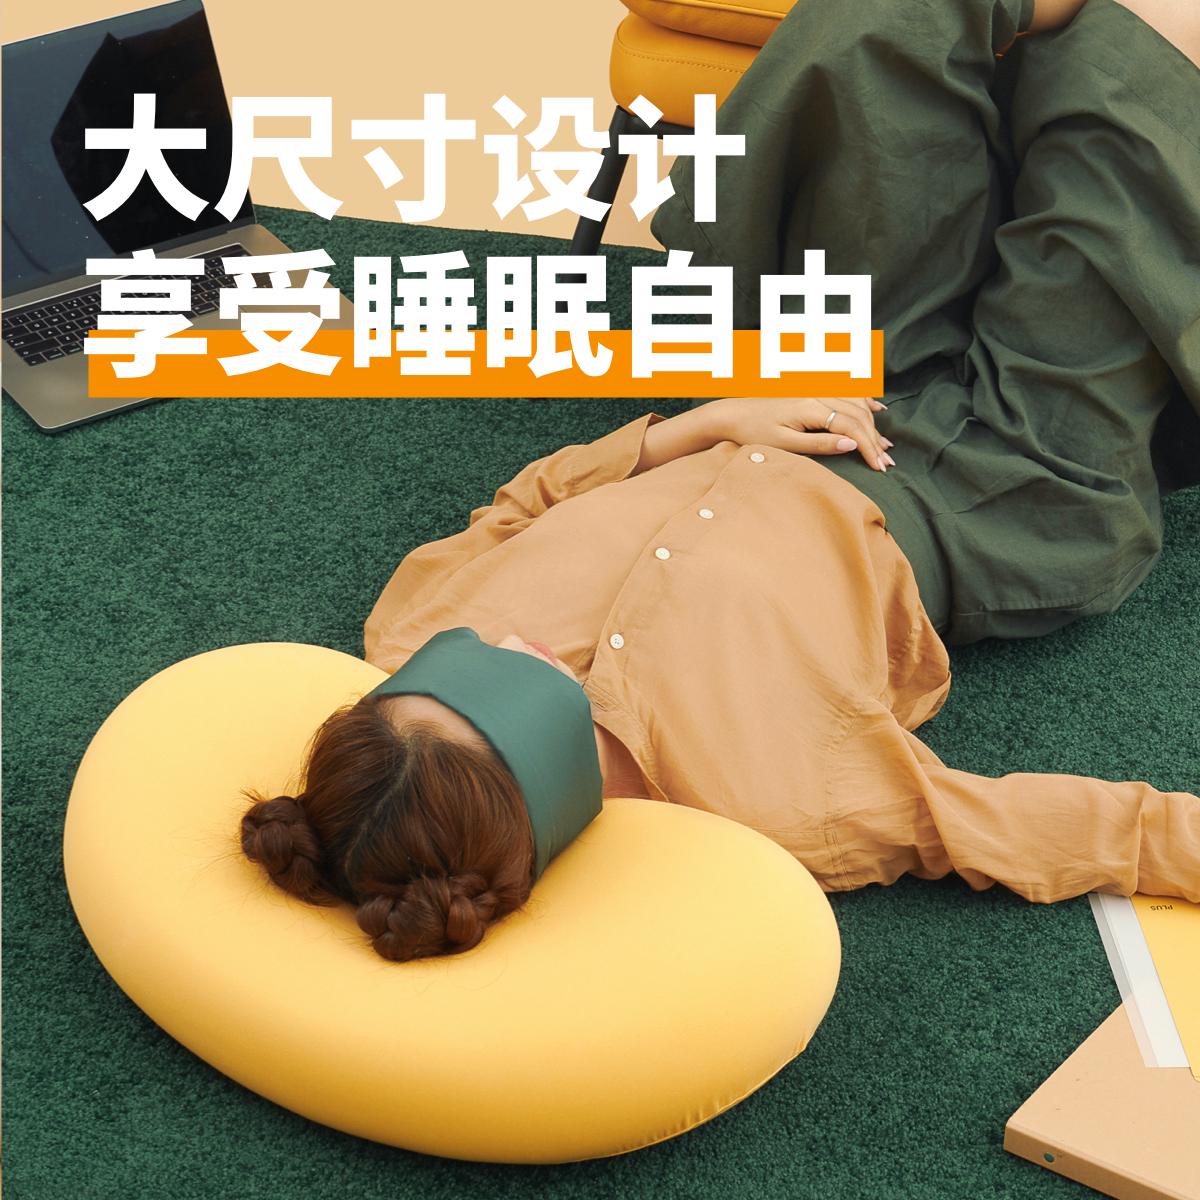 遮光透气天丝柔软抗菌缓解疲劳可调节睡眠眼罩男女 树荫眼罩 躺岛